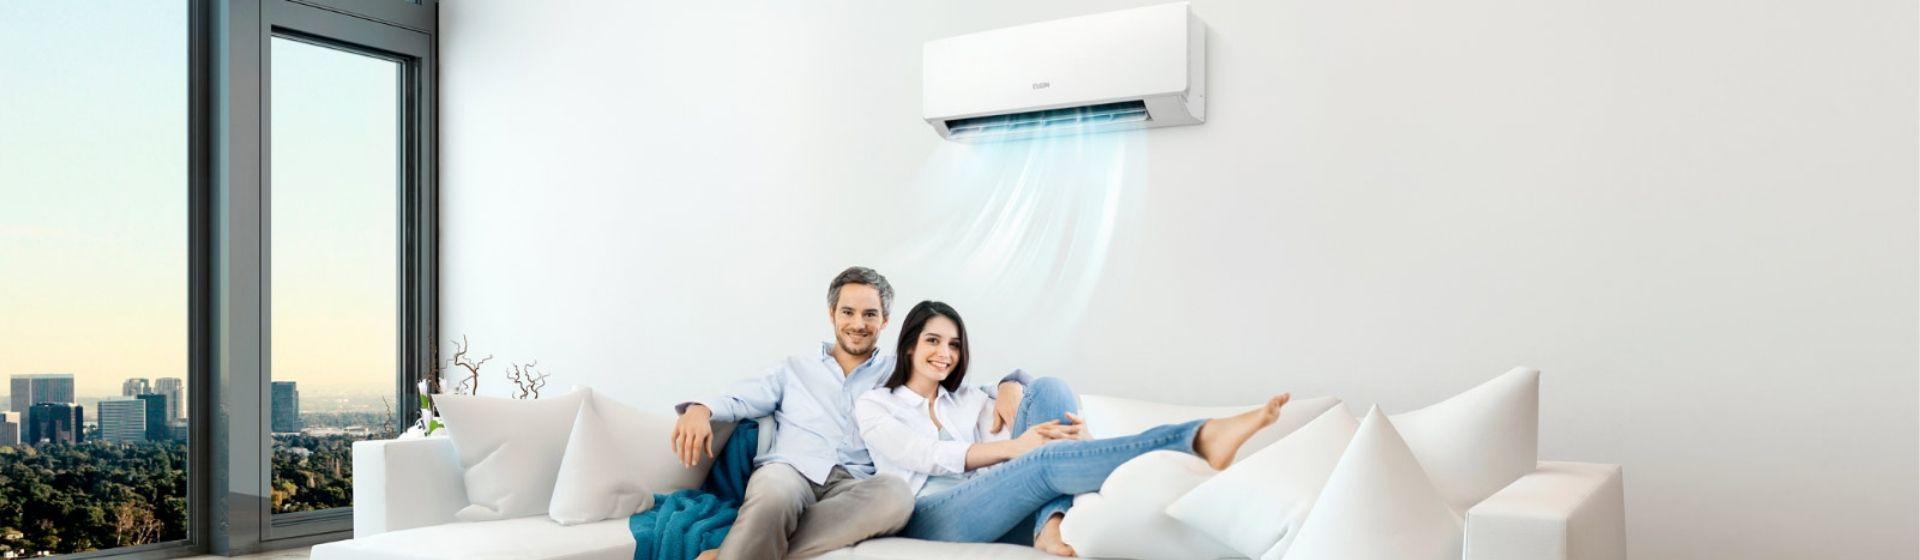 Os Melhores Aparelhos de Ar-Condicionado 9.000 BTUs em 2021